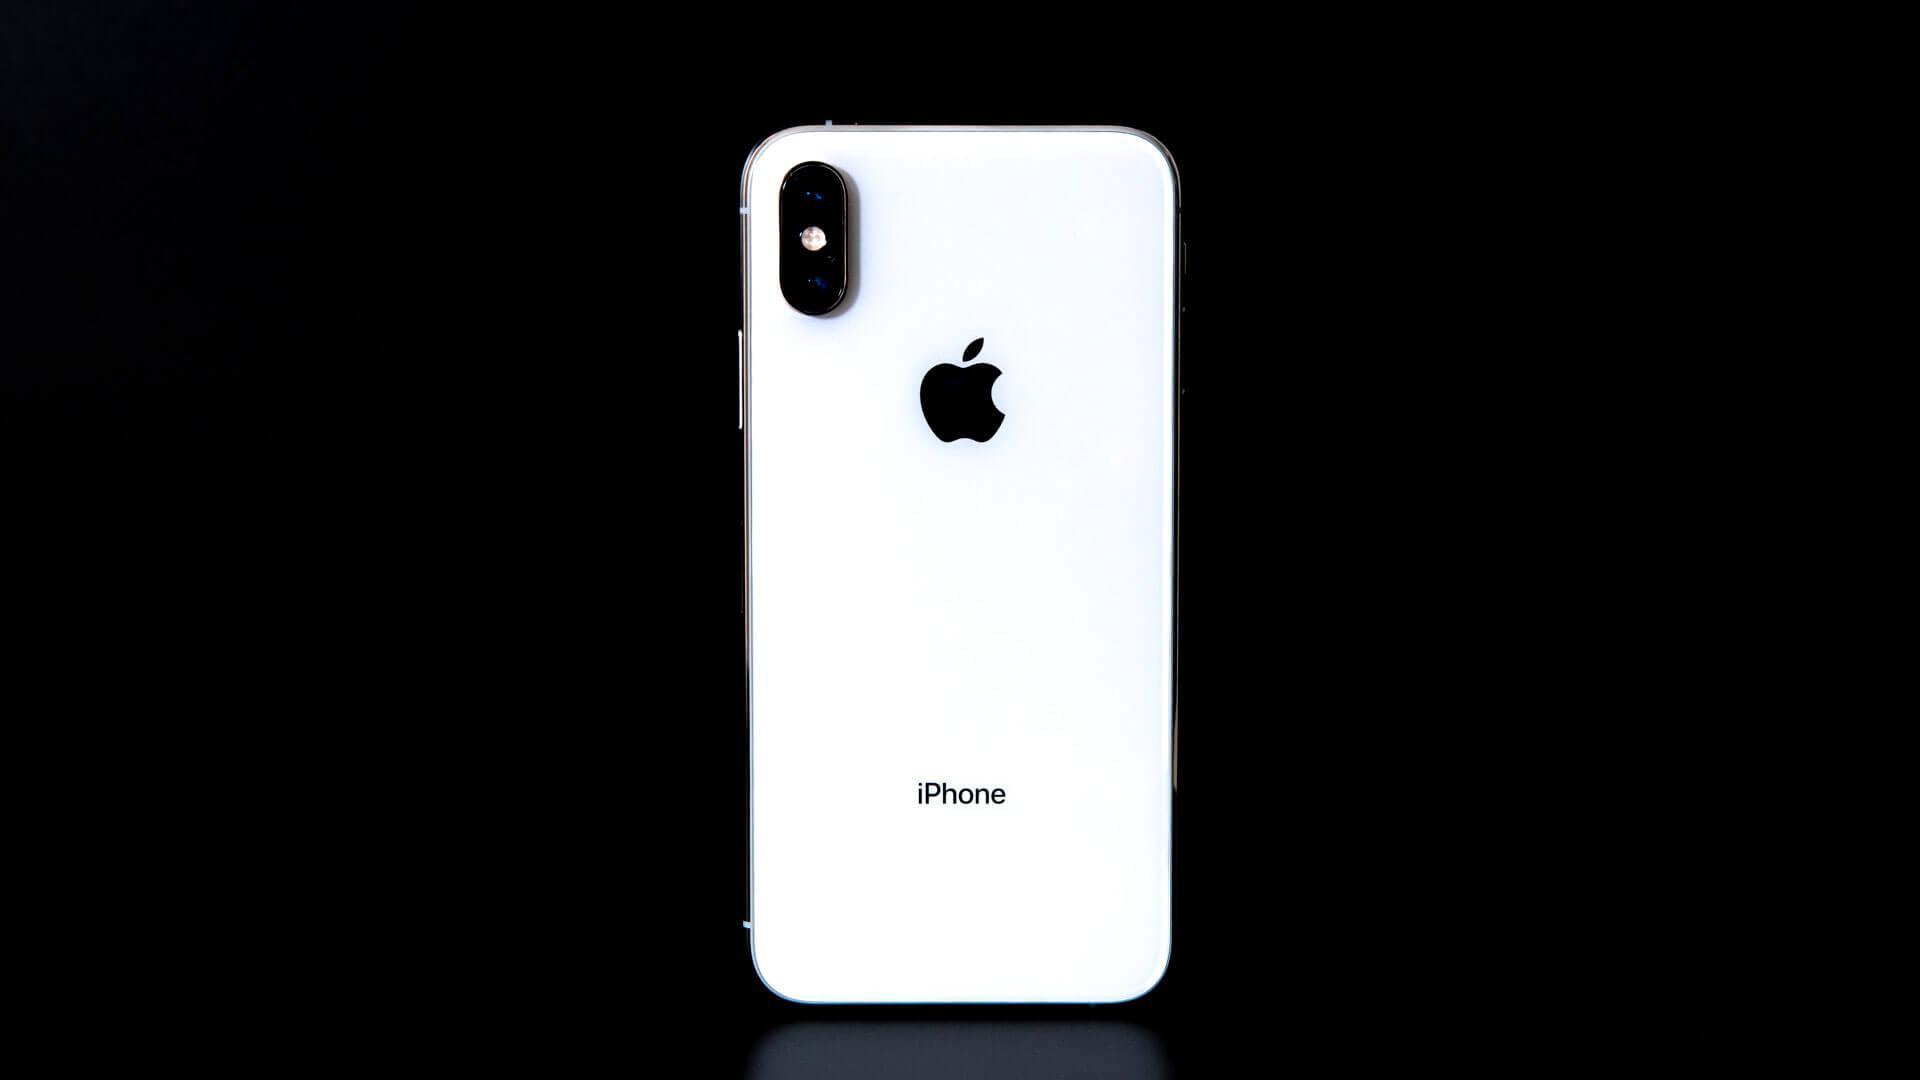 ドコモがiPhone XSを機種変更で2.2万円引き。64GBが5.7万円、256GBが6.1万円と超お買得!